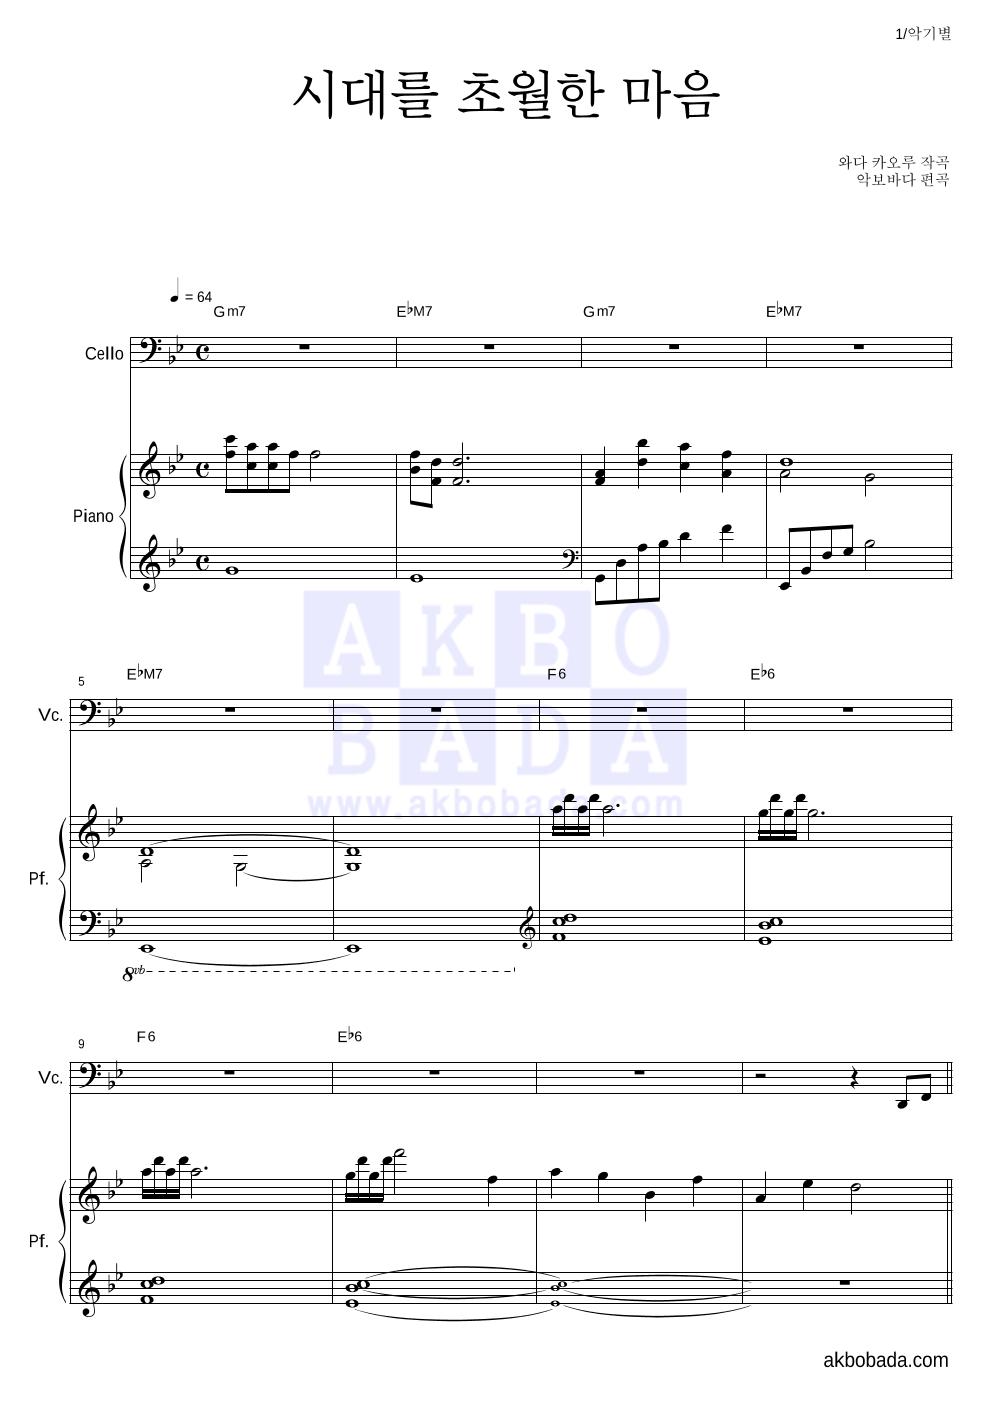 이누야사 OST - 시대를 초월한 마음 첼로&피아노 악보